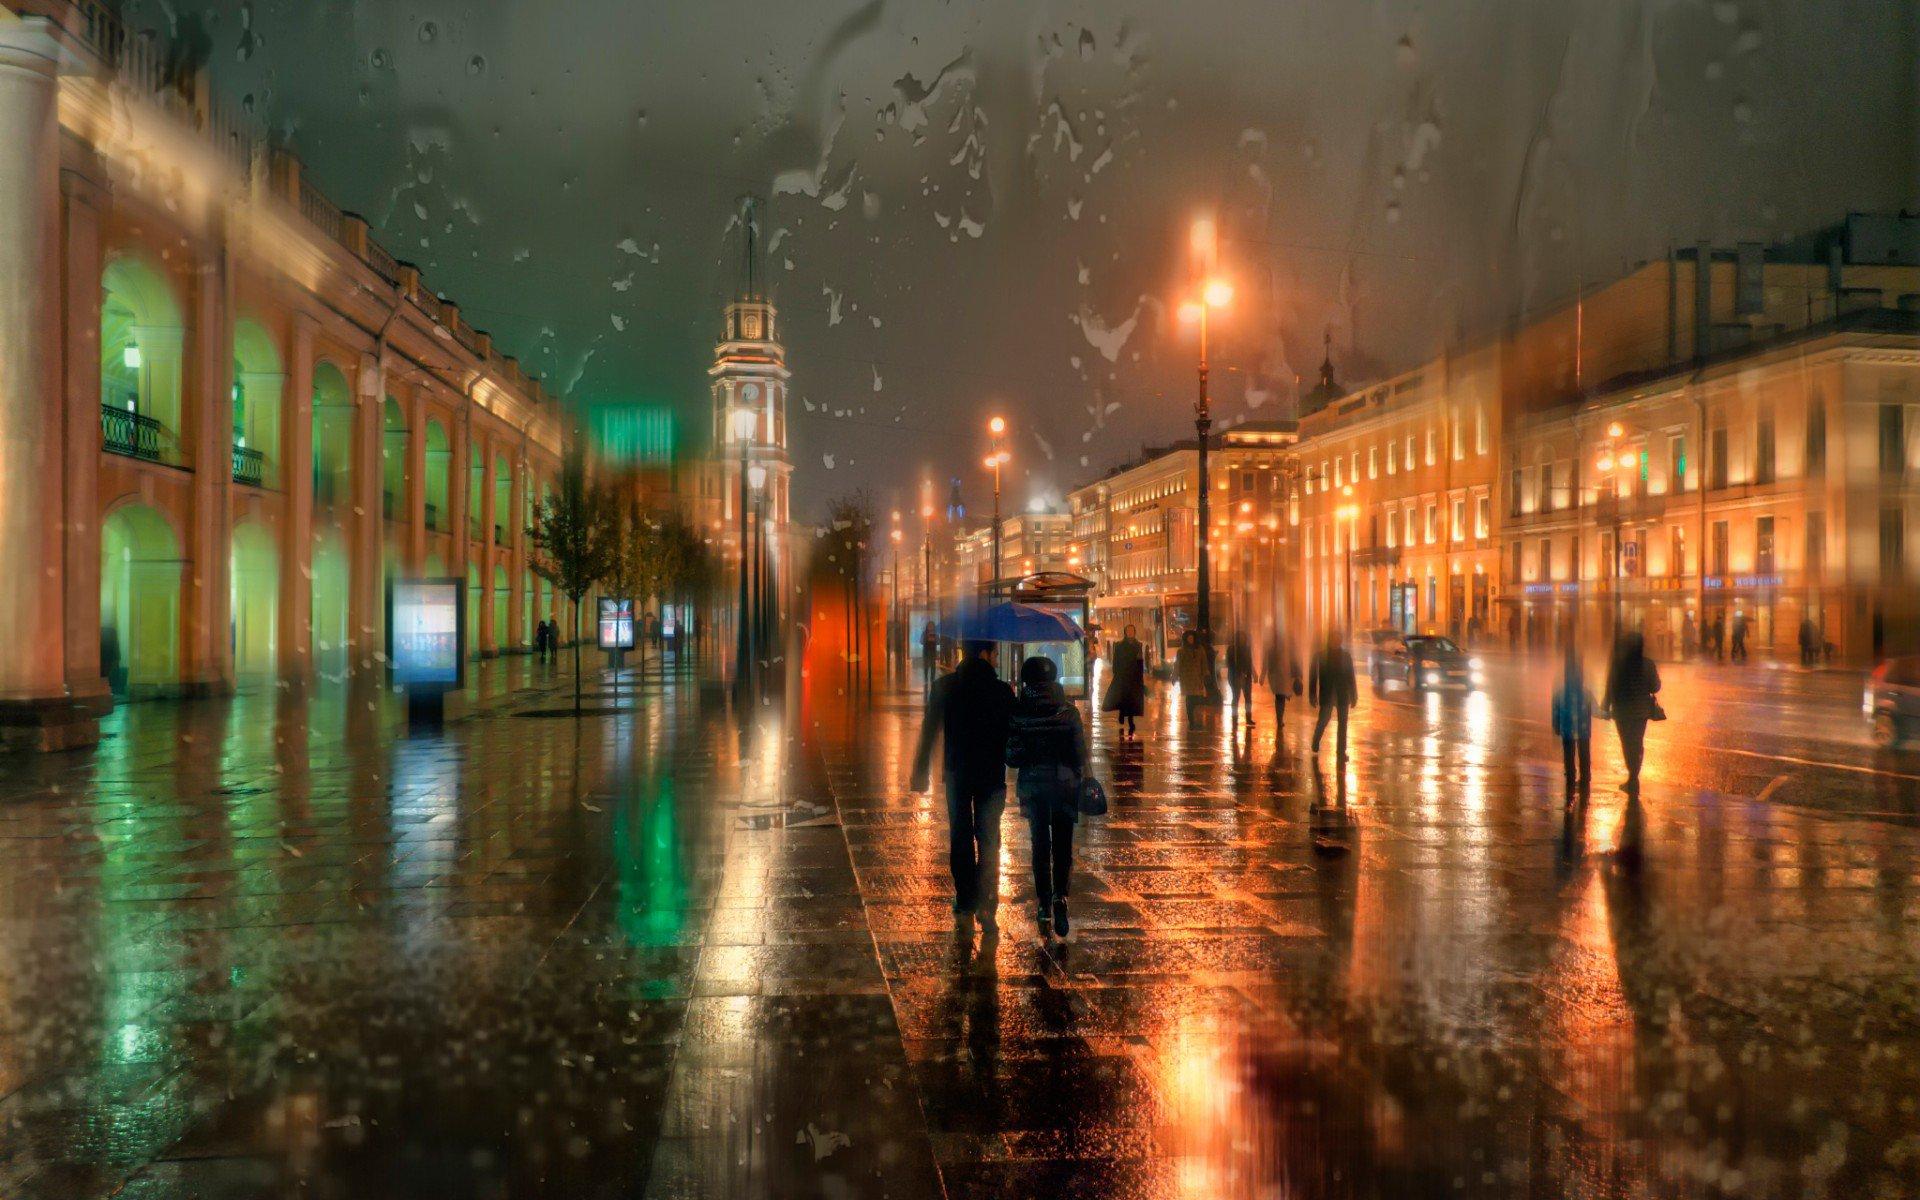 дождь питер обои для рабочего стола № 452374 без смс